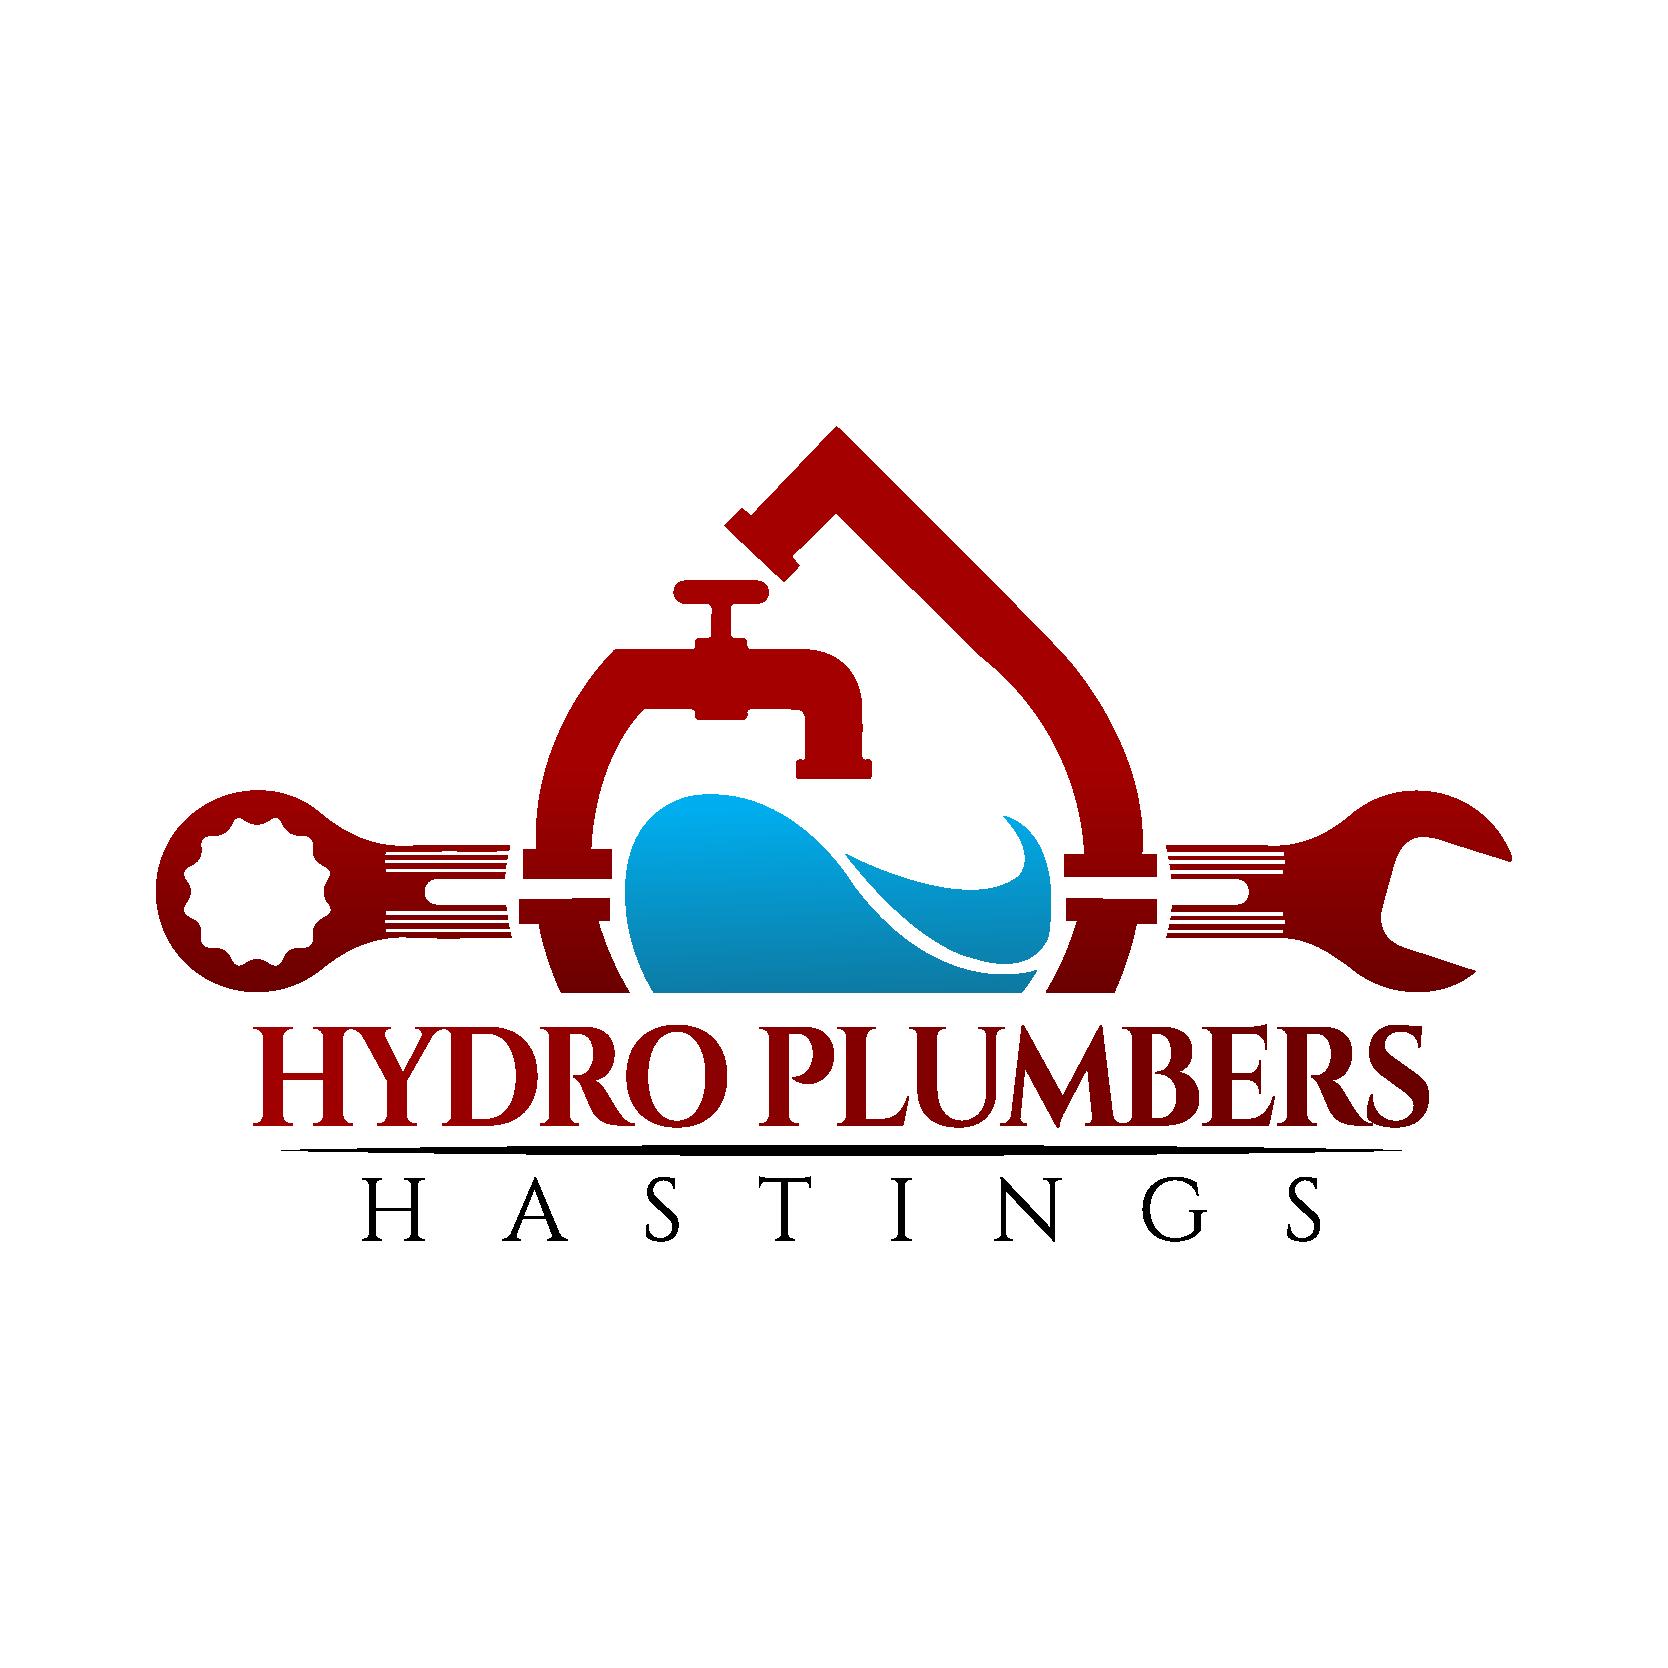 Hydro plumbing Hastings